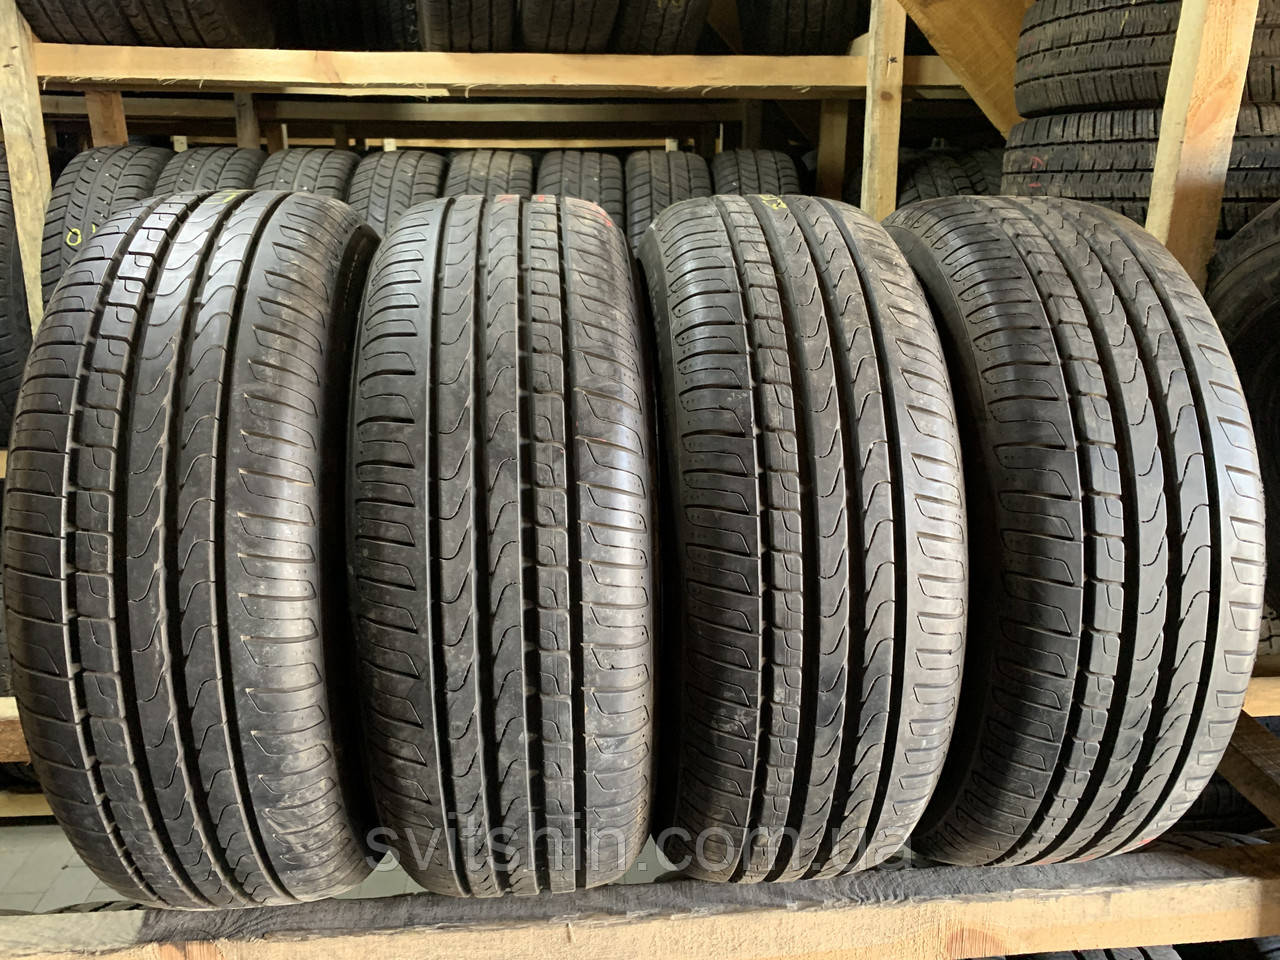 Літні шини 205/55R16 91W Pirelli Cinturato P7 6.5мм RSC ранфлет 2/4шт